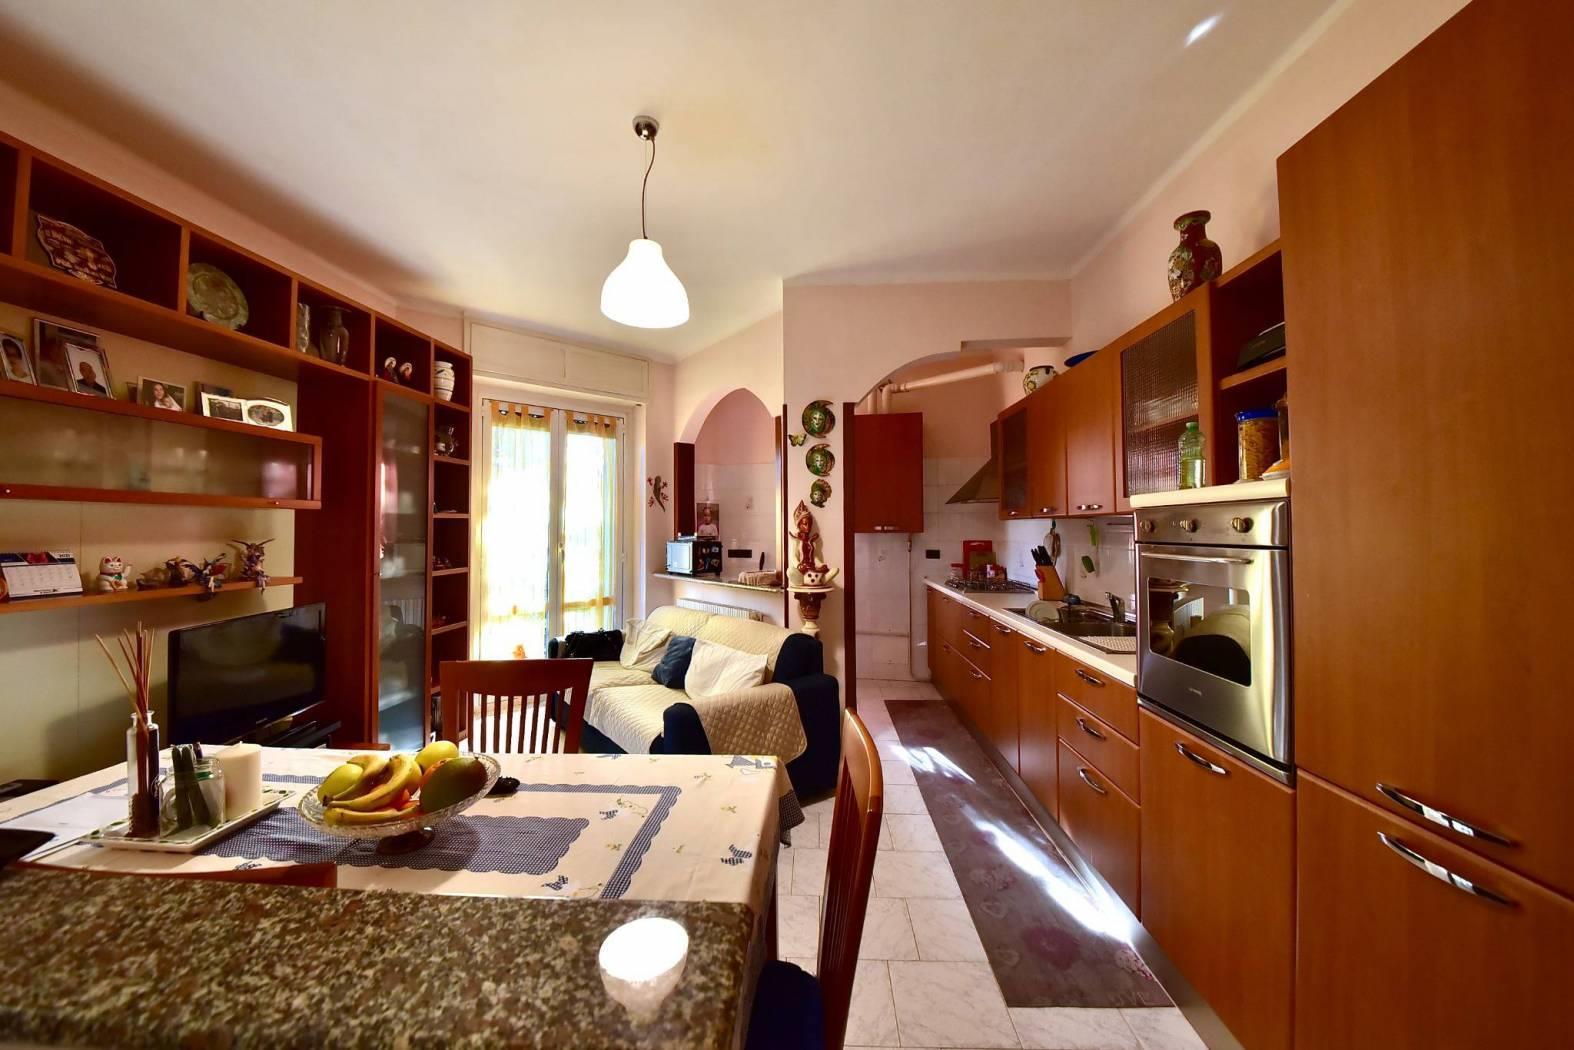 Foto 2 - Appartamento in Vendita - Desio (Monza e Brianza)